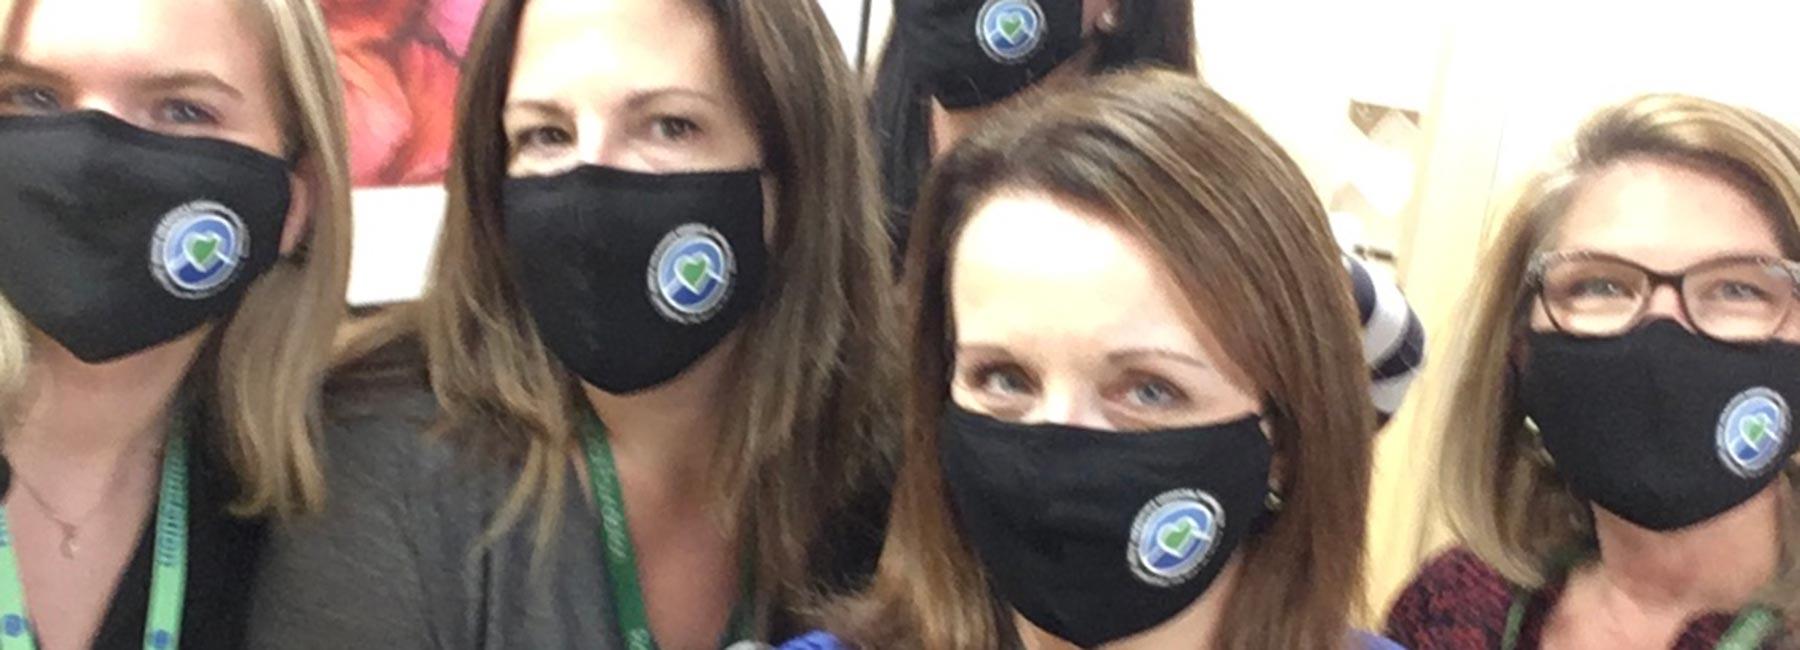 Foundation Masks Have Arrived